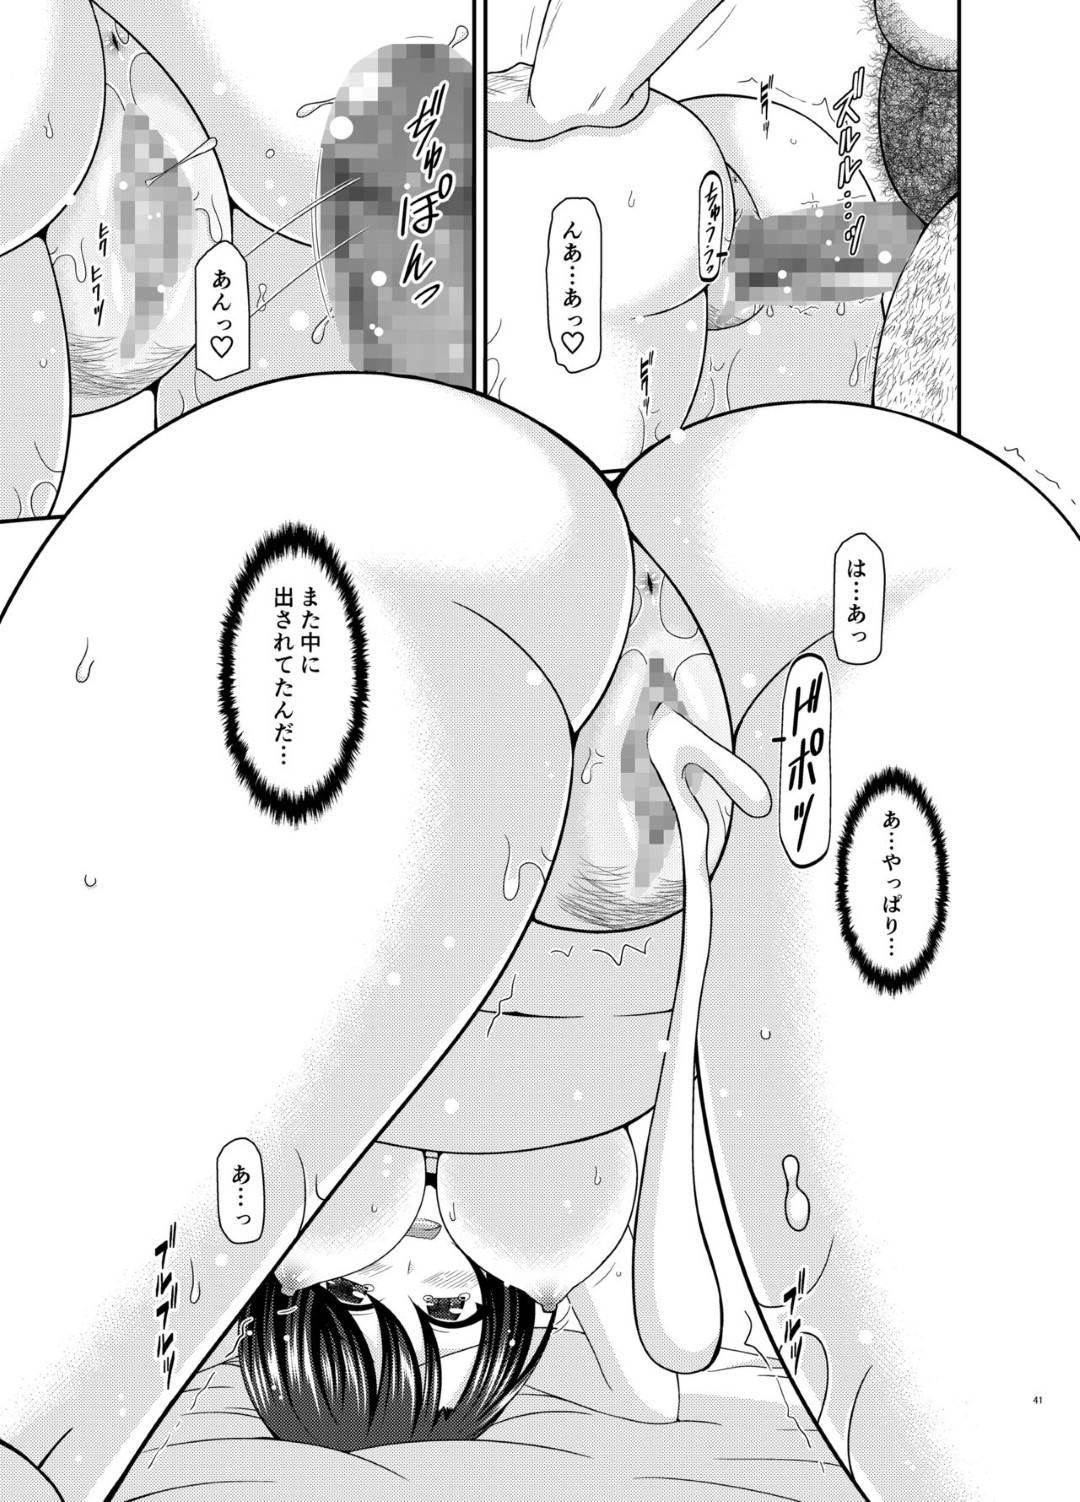 【エロ同人誌】店でマッサージを受けていたらだんだん恥ずかしいことをされていることにようやく気付いた大空スバル…レイプされるそうな状況で声をあげられす店員のされるがままになってしまう!【valssu (茶琉):マッサージ店で性別を間違えられてメスにされたVtuber中/大空スバル】